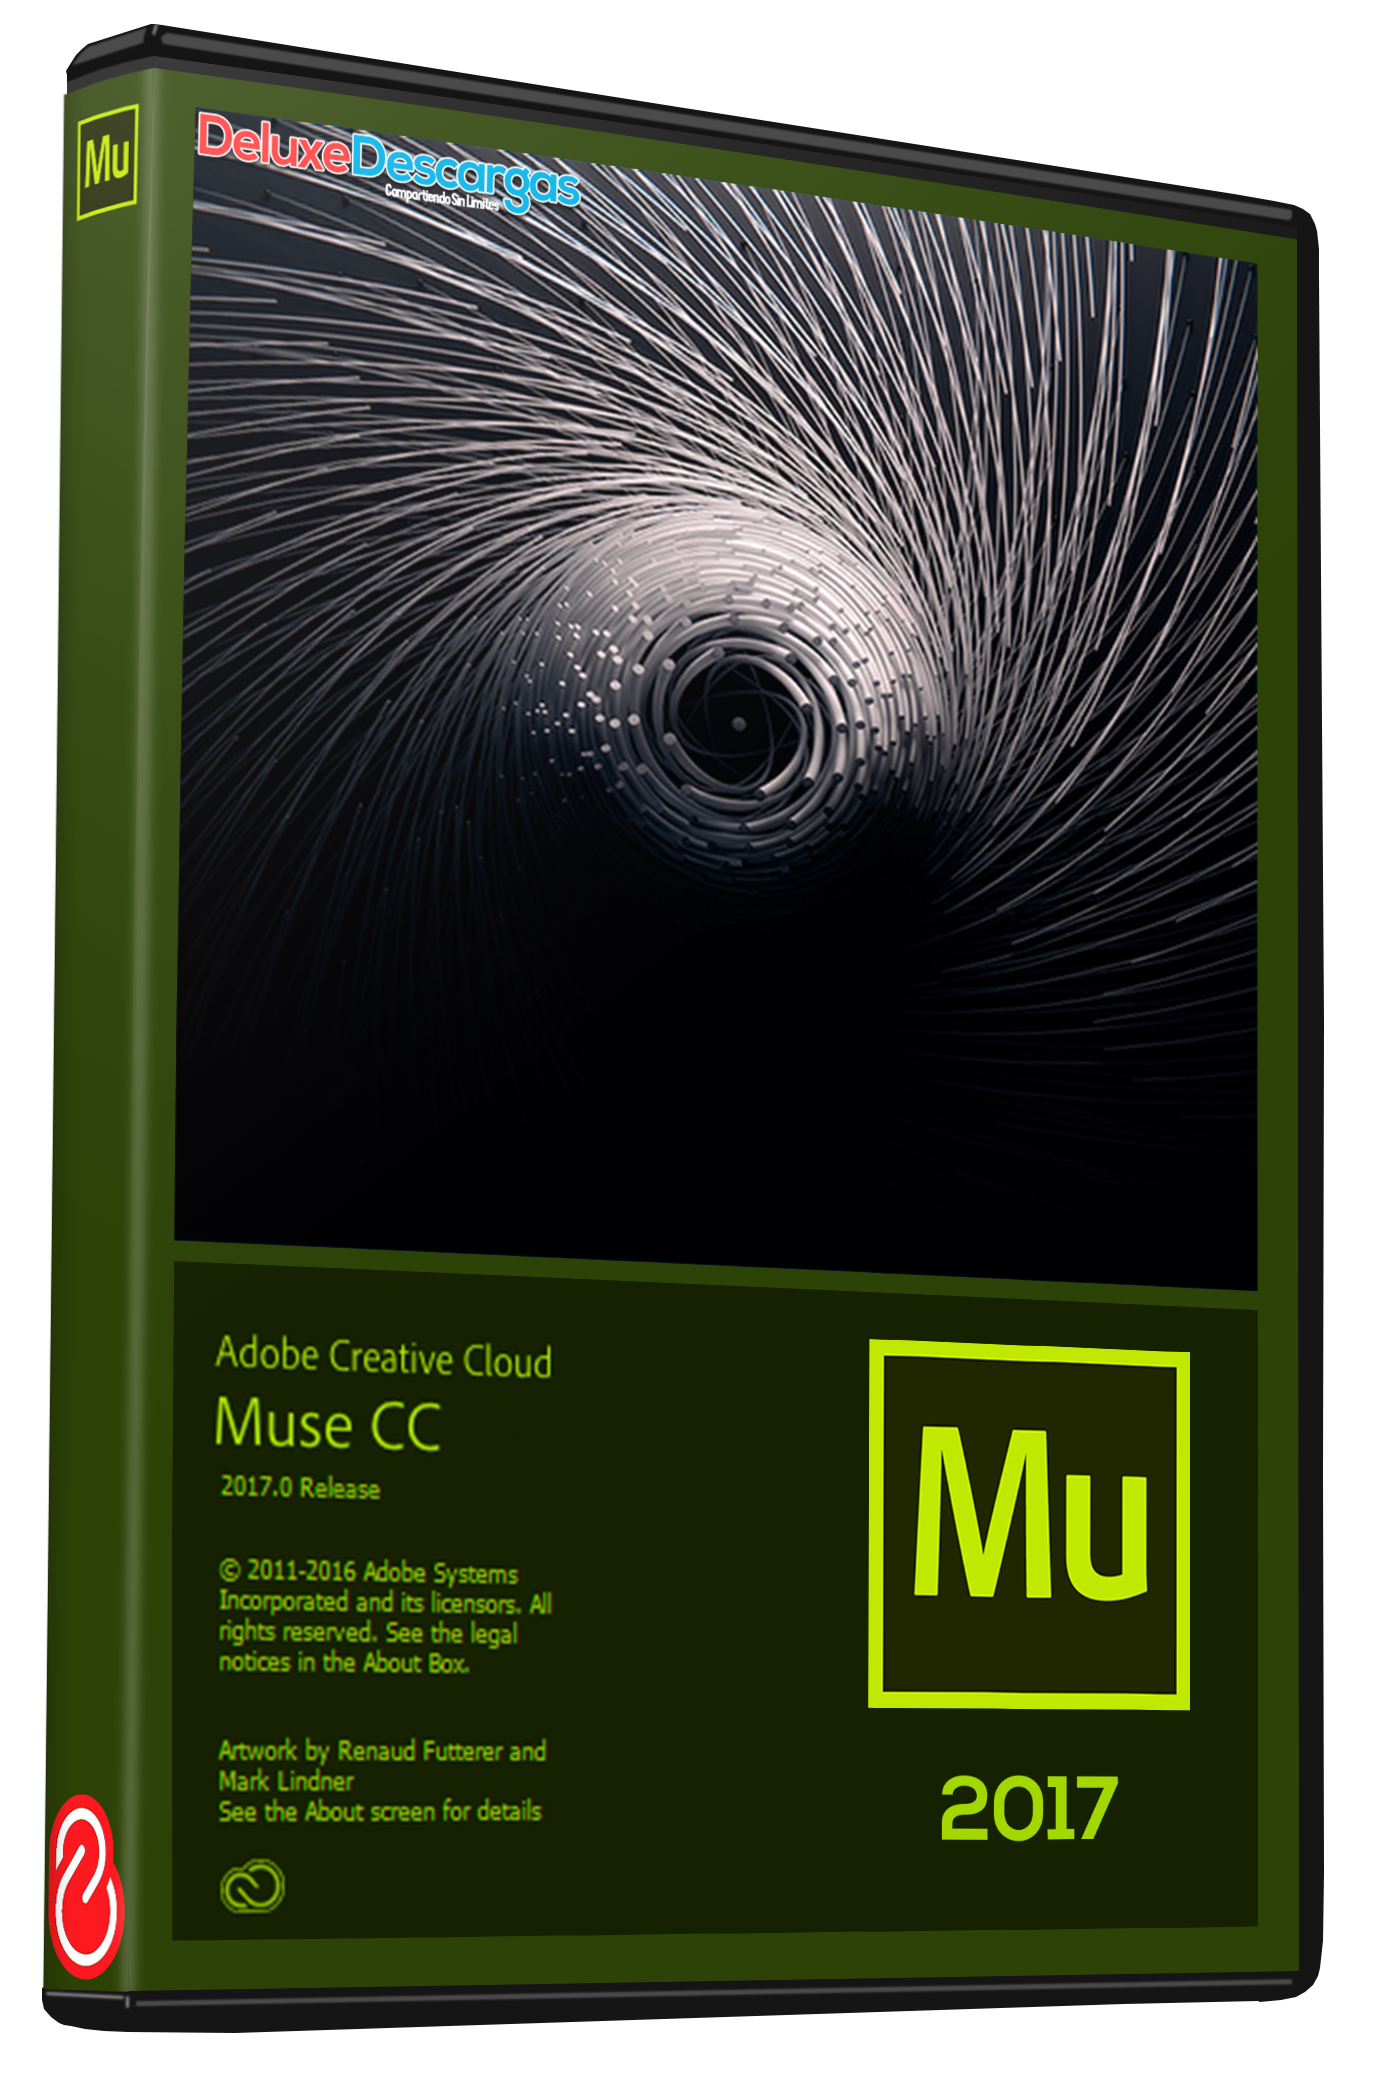 Adobe Muse CC 2017